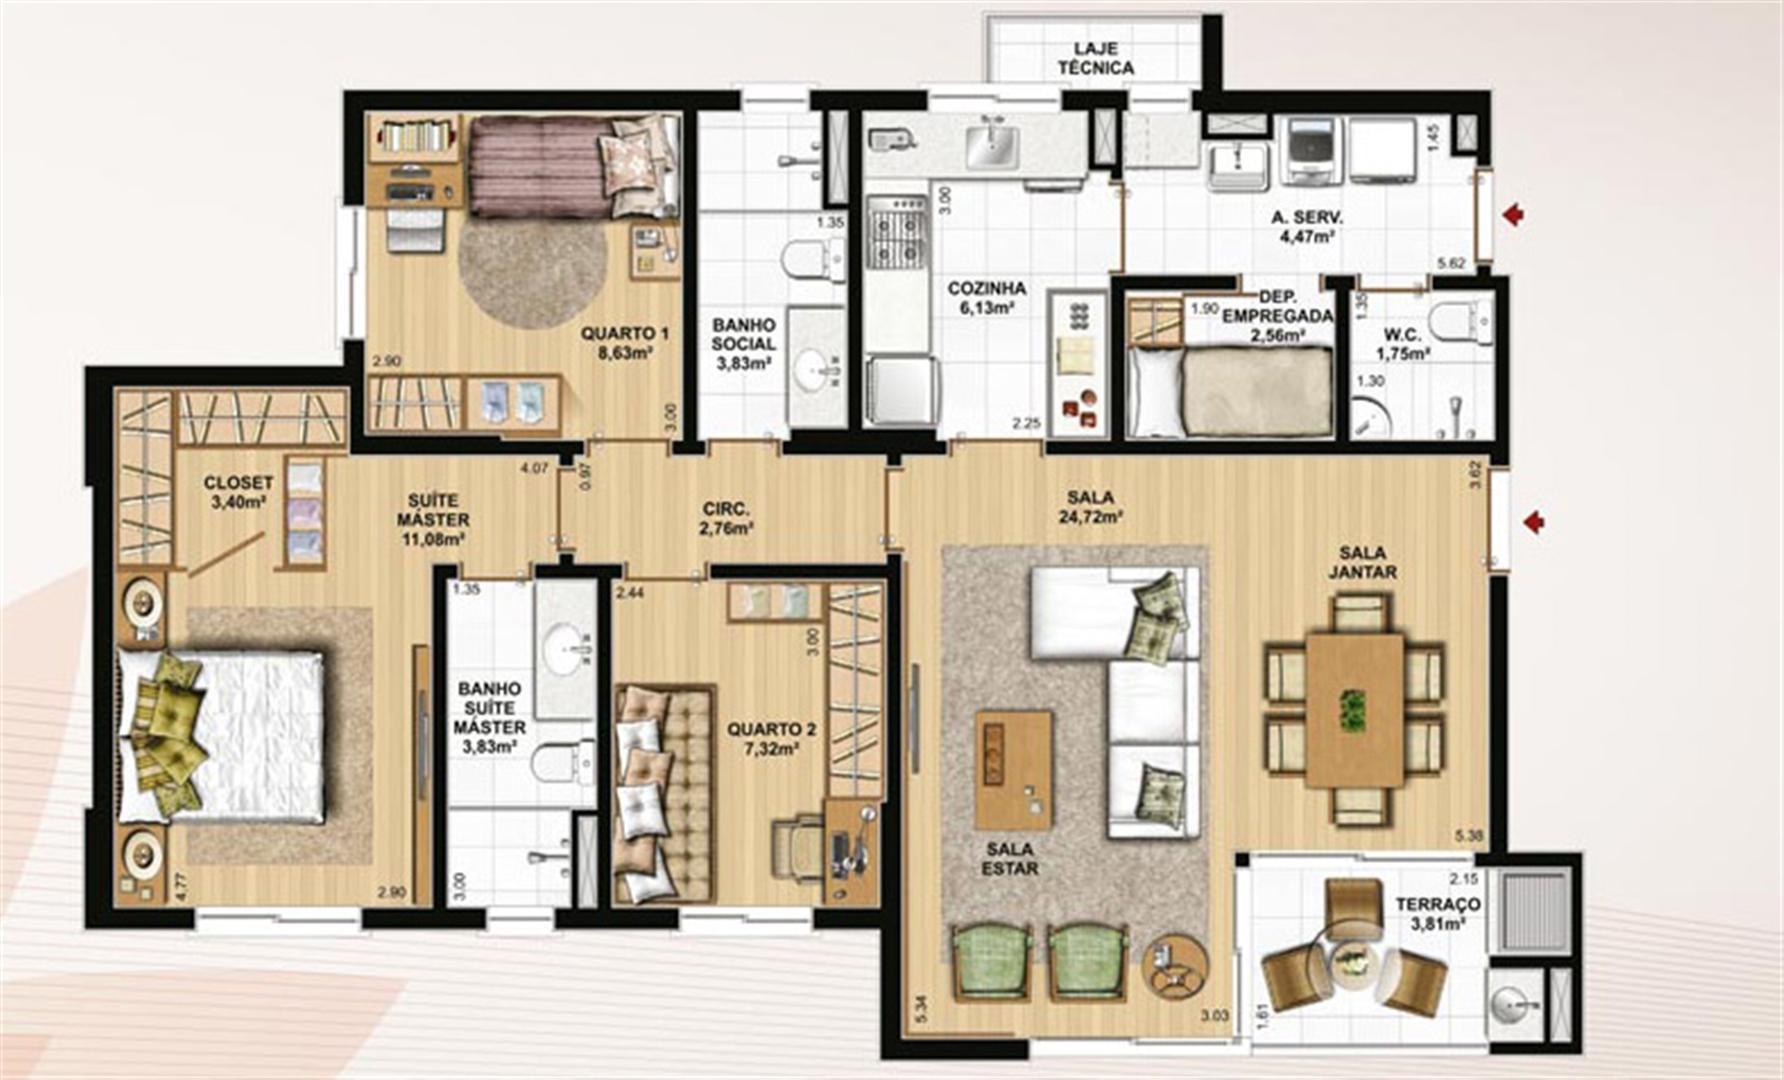 106 m² privativos, 3 dormitórios com WC | Le Jardin Residencial – Apartamento no  Água Verde - Curitiba - Paraná